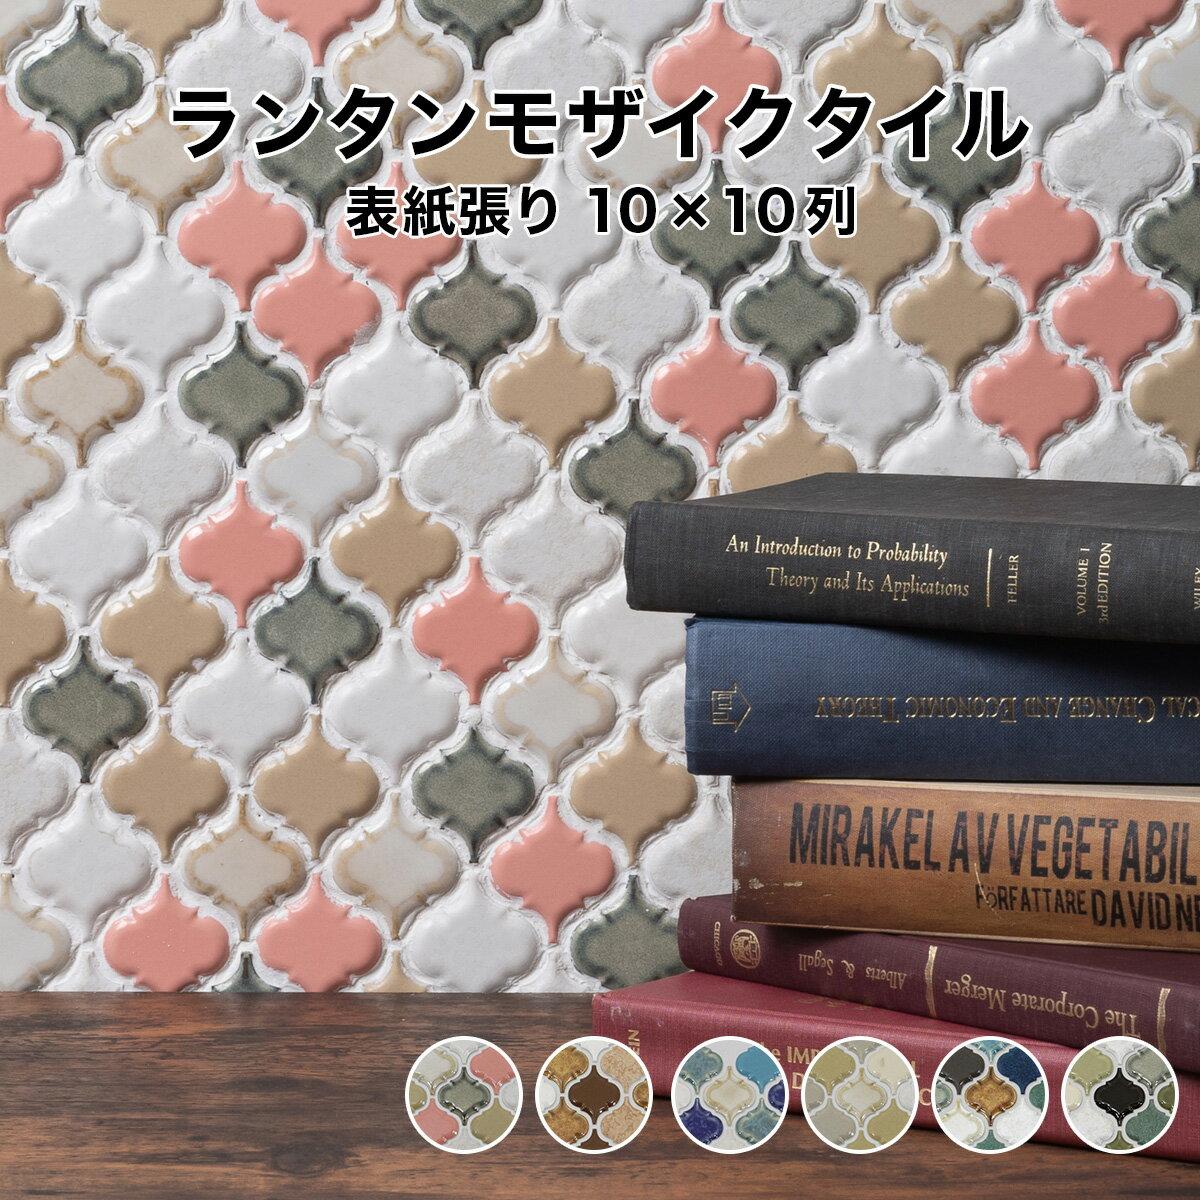 モザイクタイル ランタン ミックス 全6色 10列×10列 シート状 表紙張り加工 日本製 キッチン 洗面所 テーブル カウンター 工作 壁 壁紙 北欧 レトロ カフェ コラベル DIY リフォーム